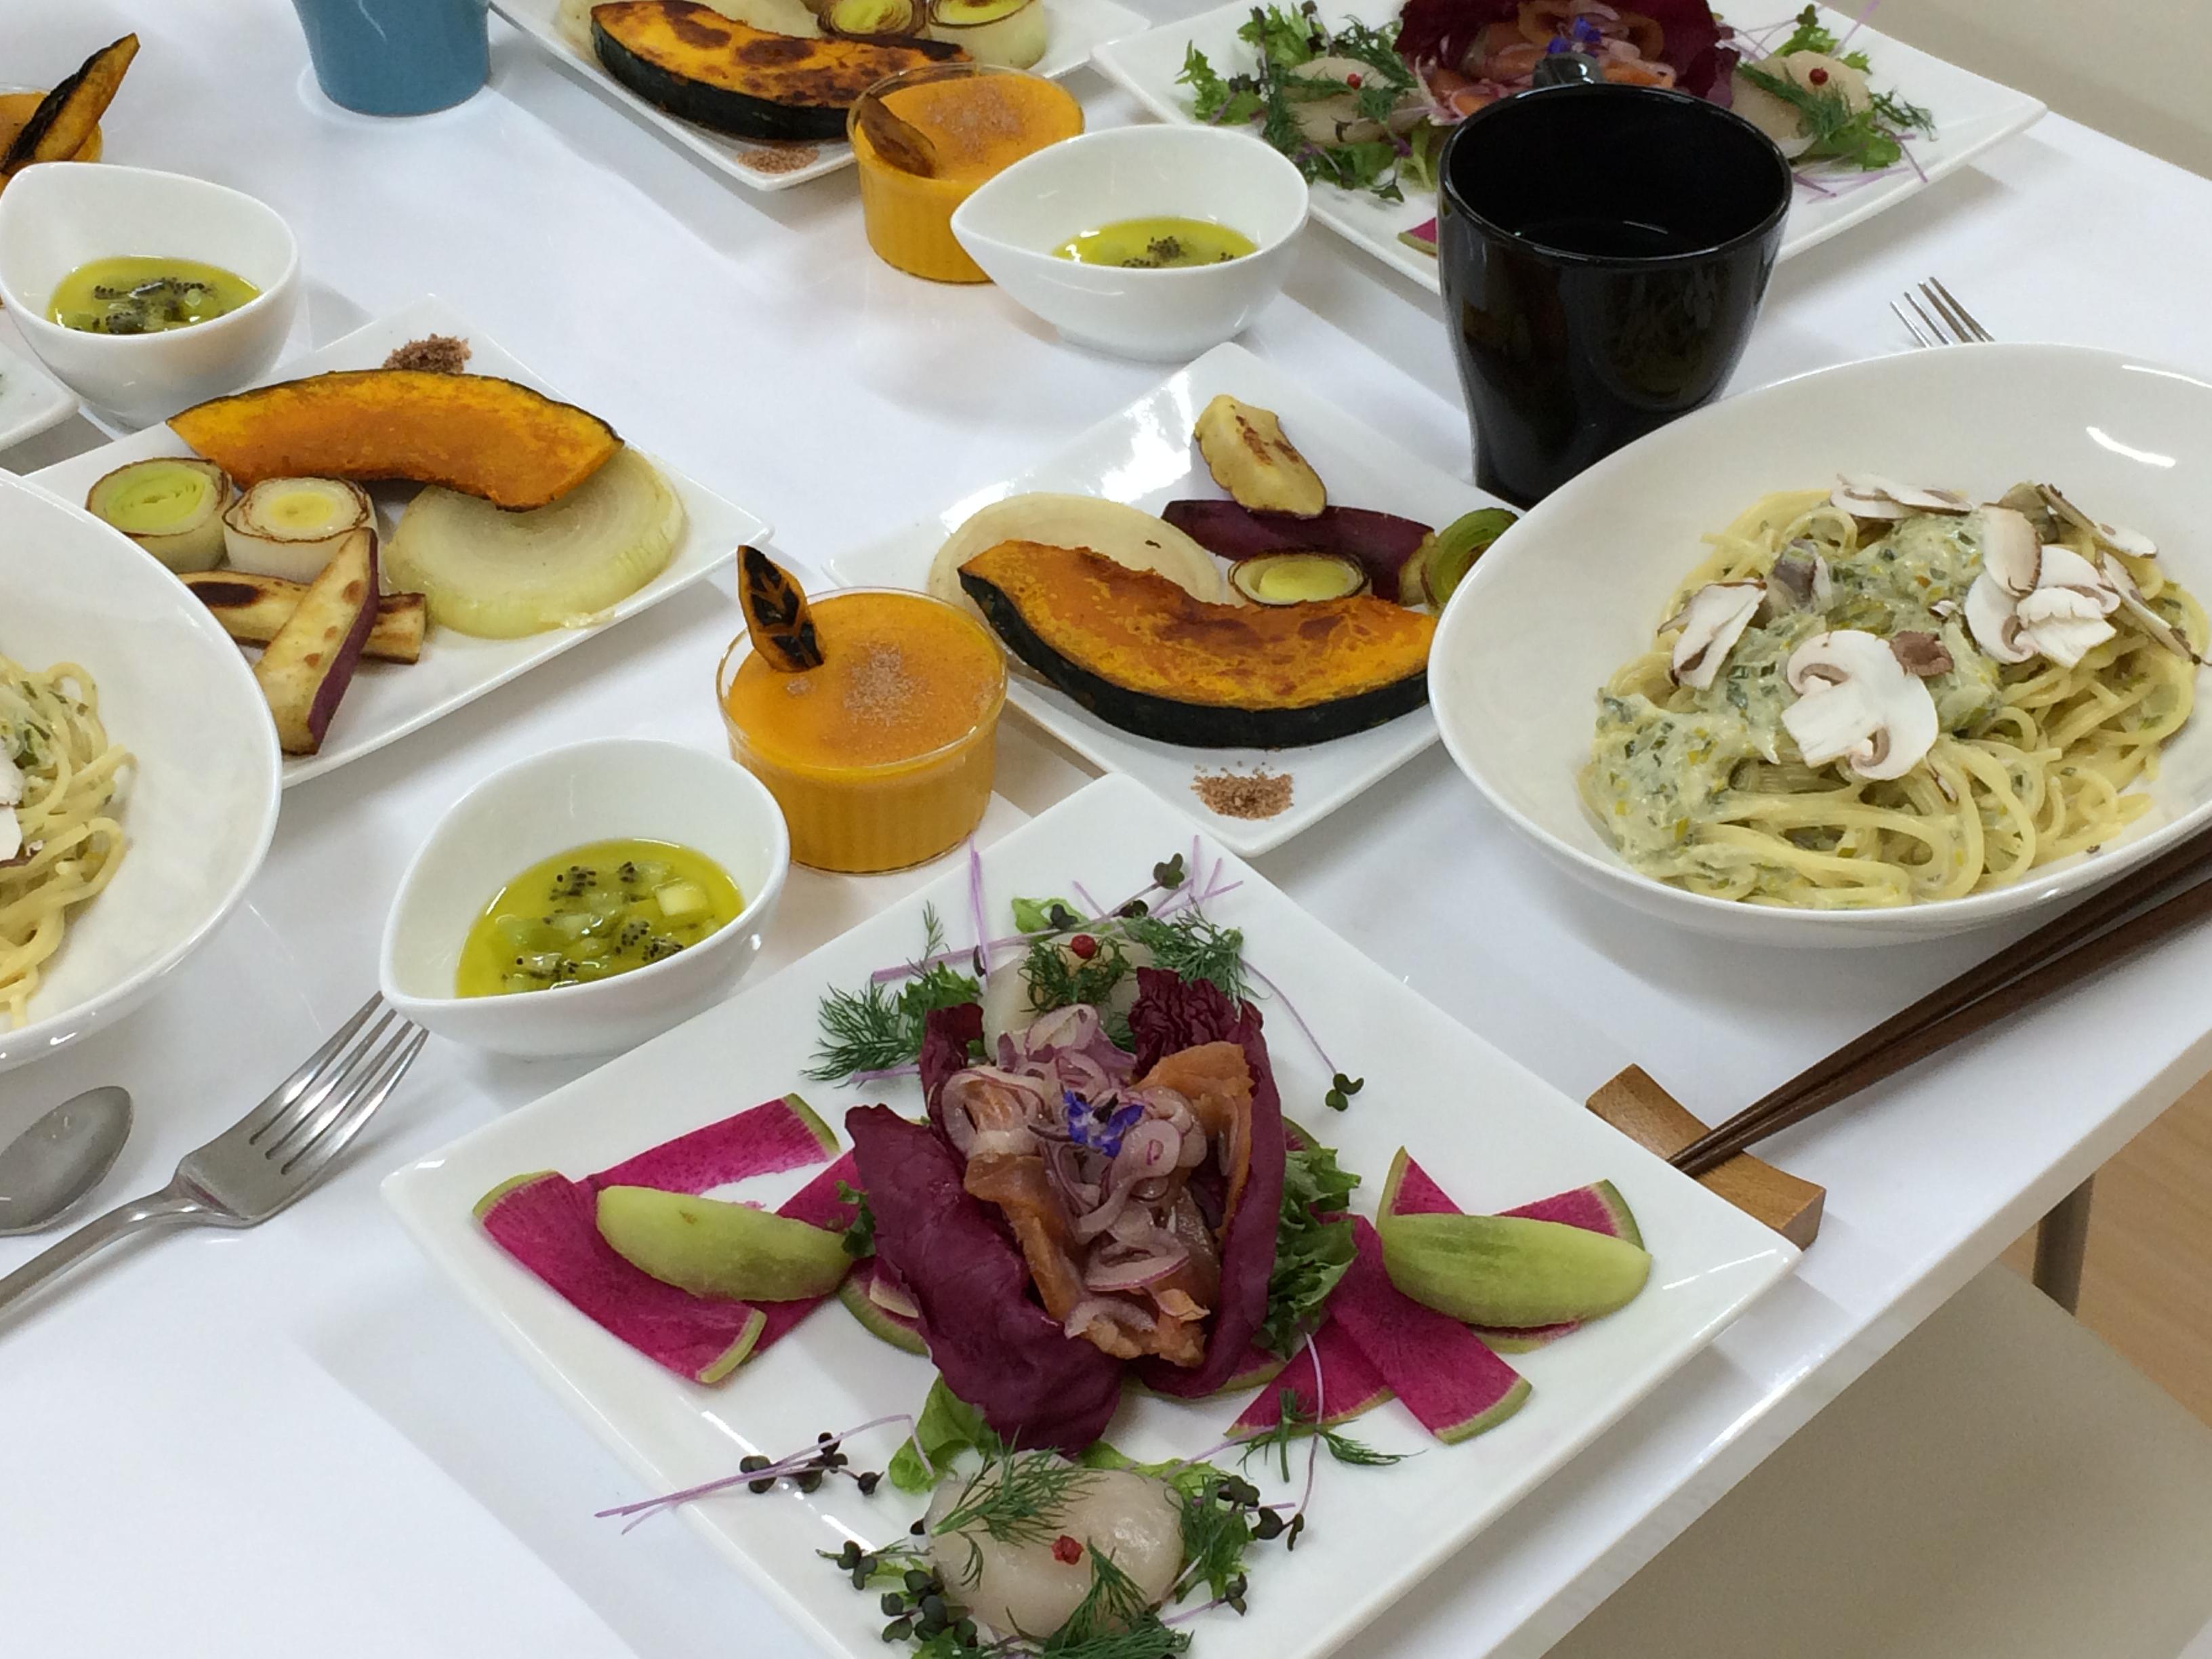 ハーブ・野菜・果物を楽しむ講座 2014年11月